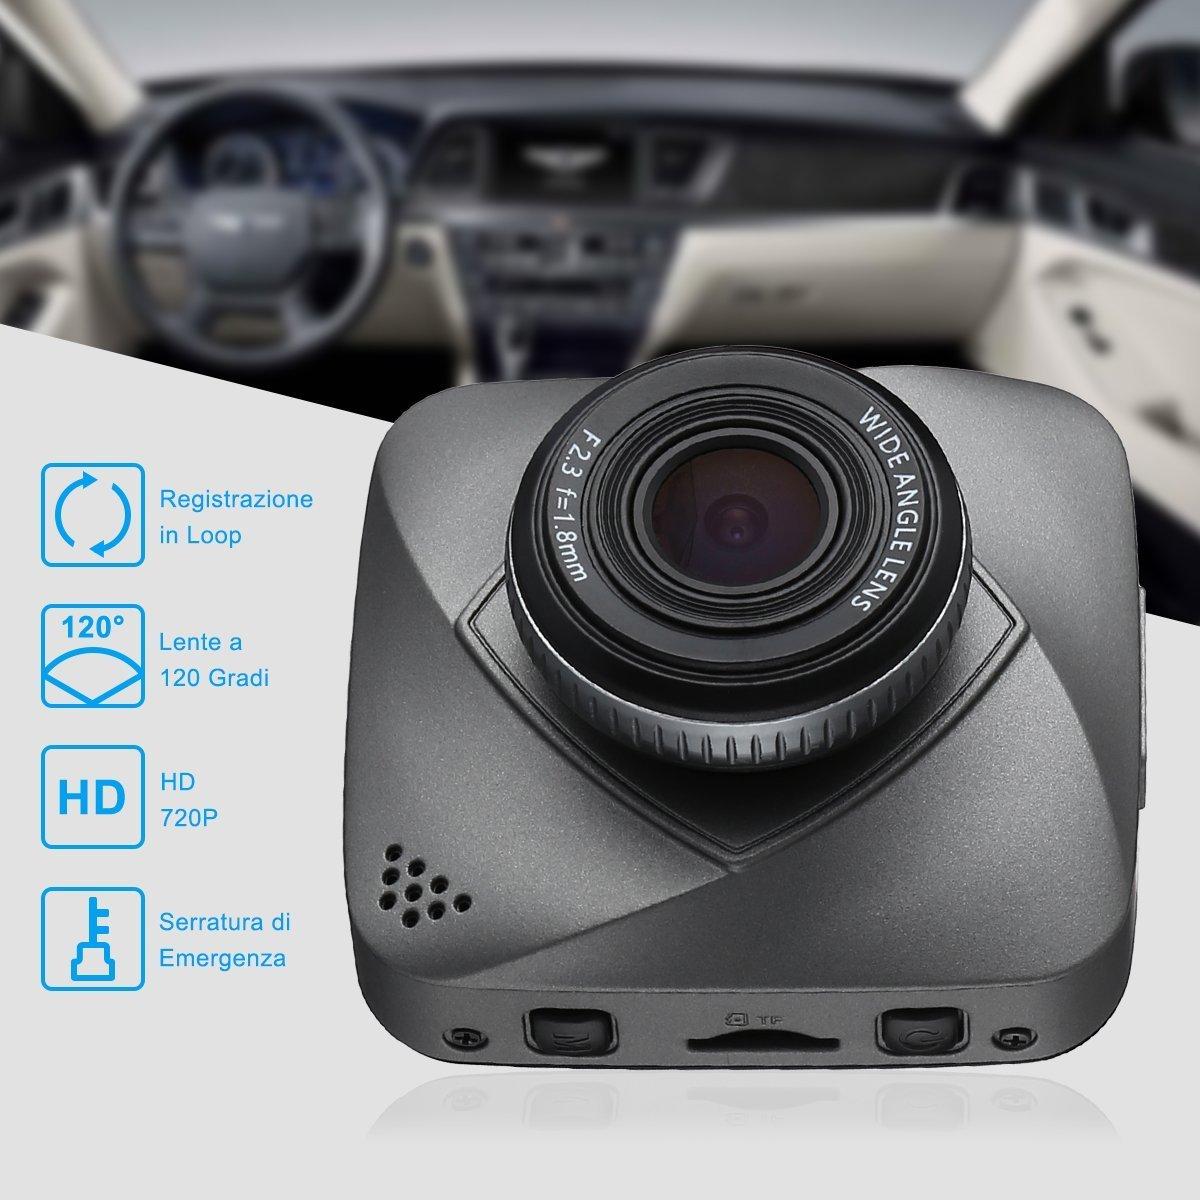 isYoung Dash Cam per Auto, Dashcamera Telecamera per Auto Full HD 720P, Recorder Obiettivo Grandangolo 120° Rilevatore Display Movimento, Visione Notturna,  G-Sensore e Schermo LCD - Grigio